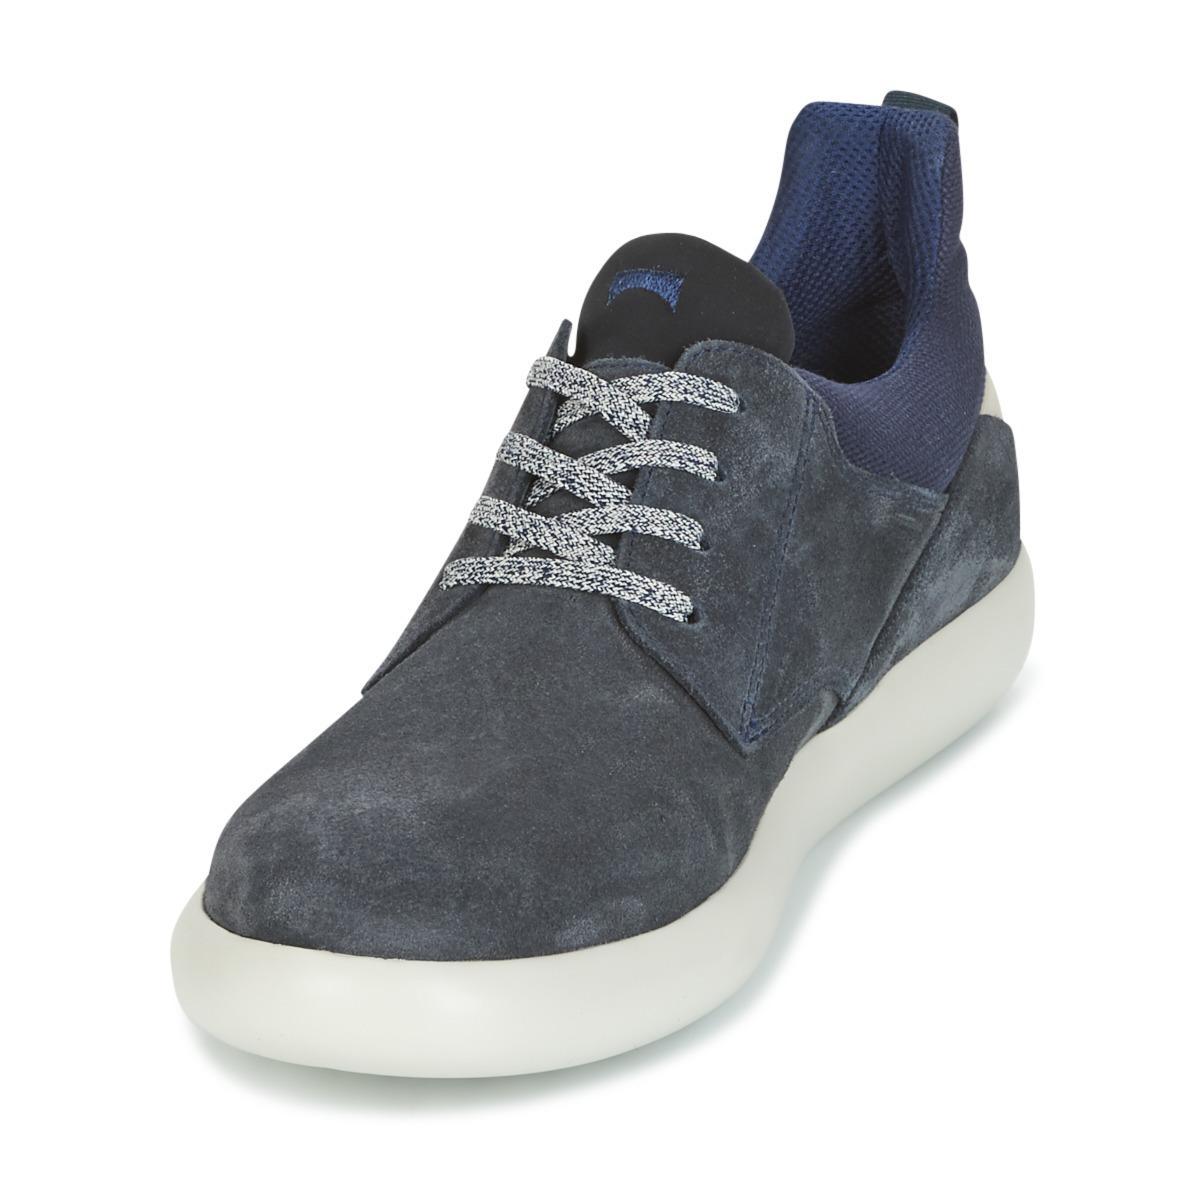 PELOTAS CAPSULE XL Chaussures Camper pour homme en coloris Bleu - 13 % de réduction